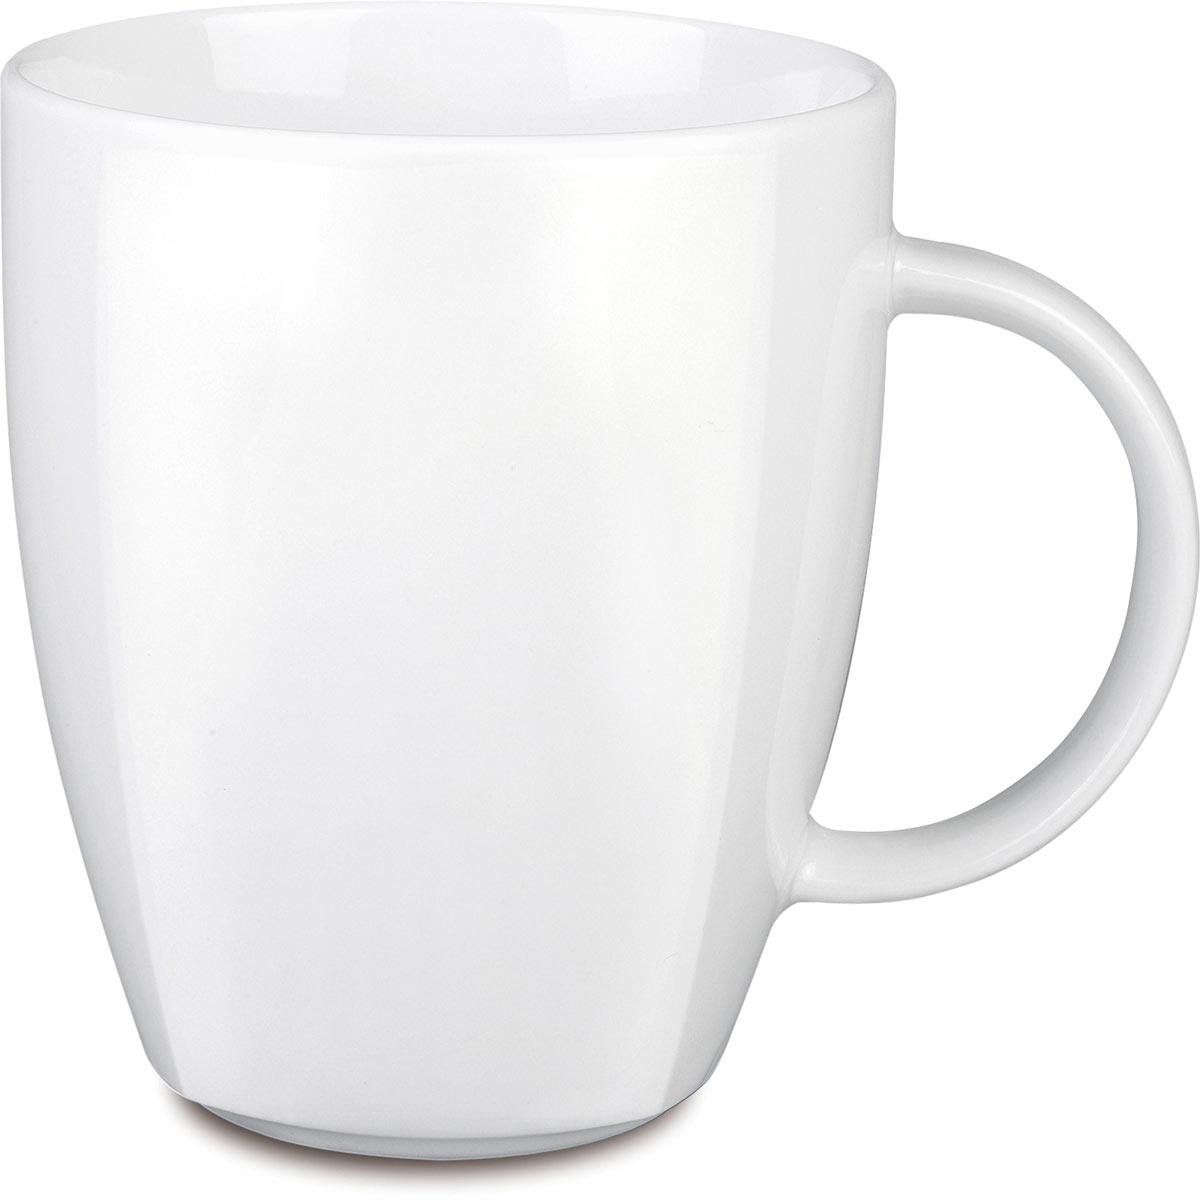 mug prix bas mug pas cher mugs publicitaires objets publicitaires objet publicitaire. Black Bedroom Furniture Sets. Home Design Ideas